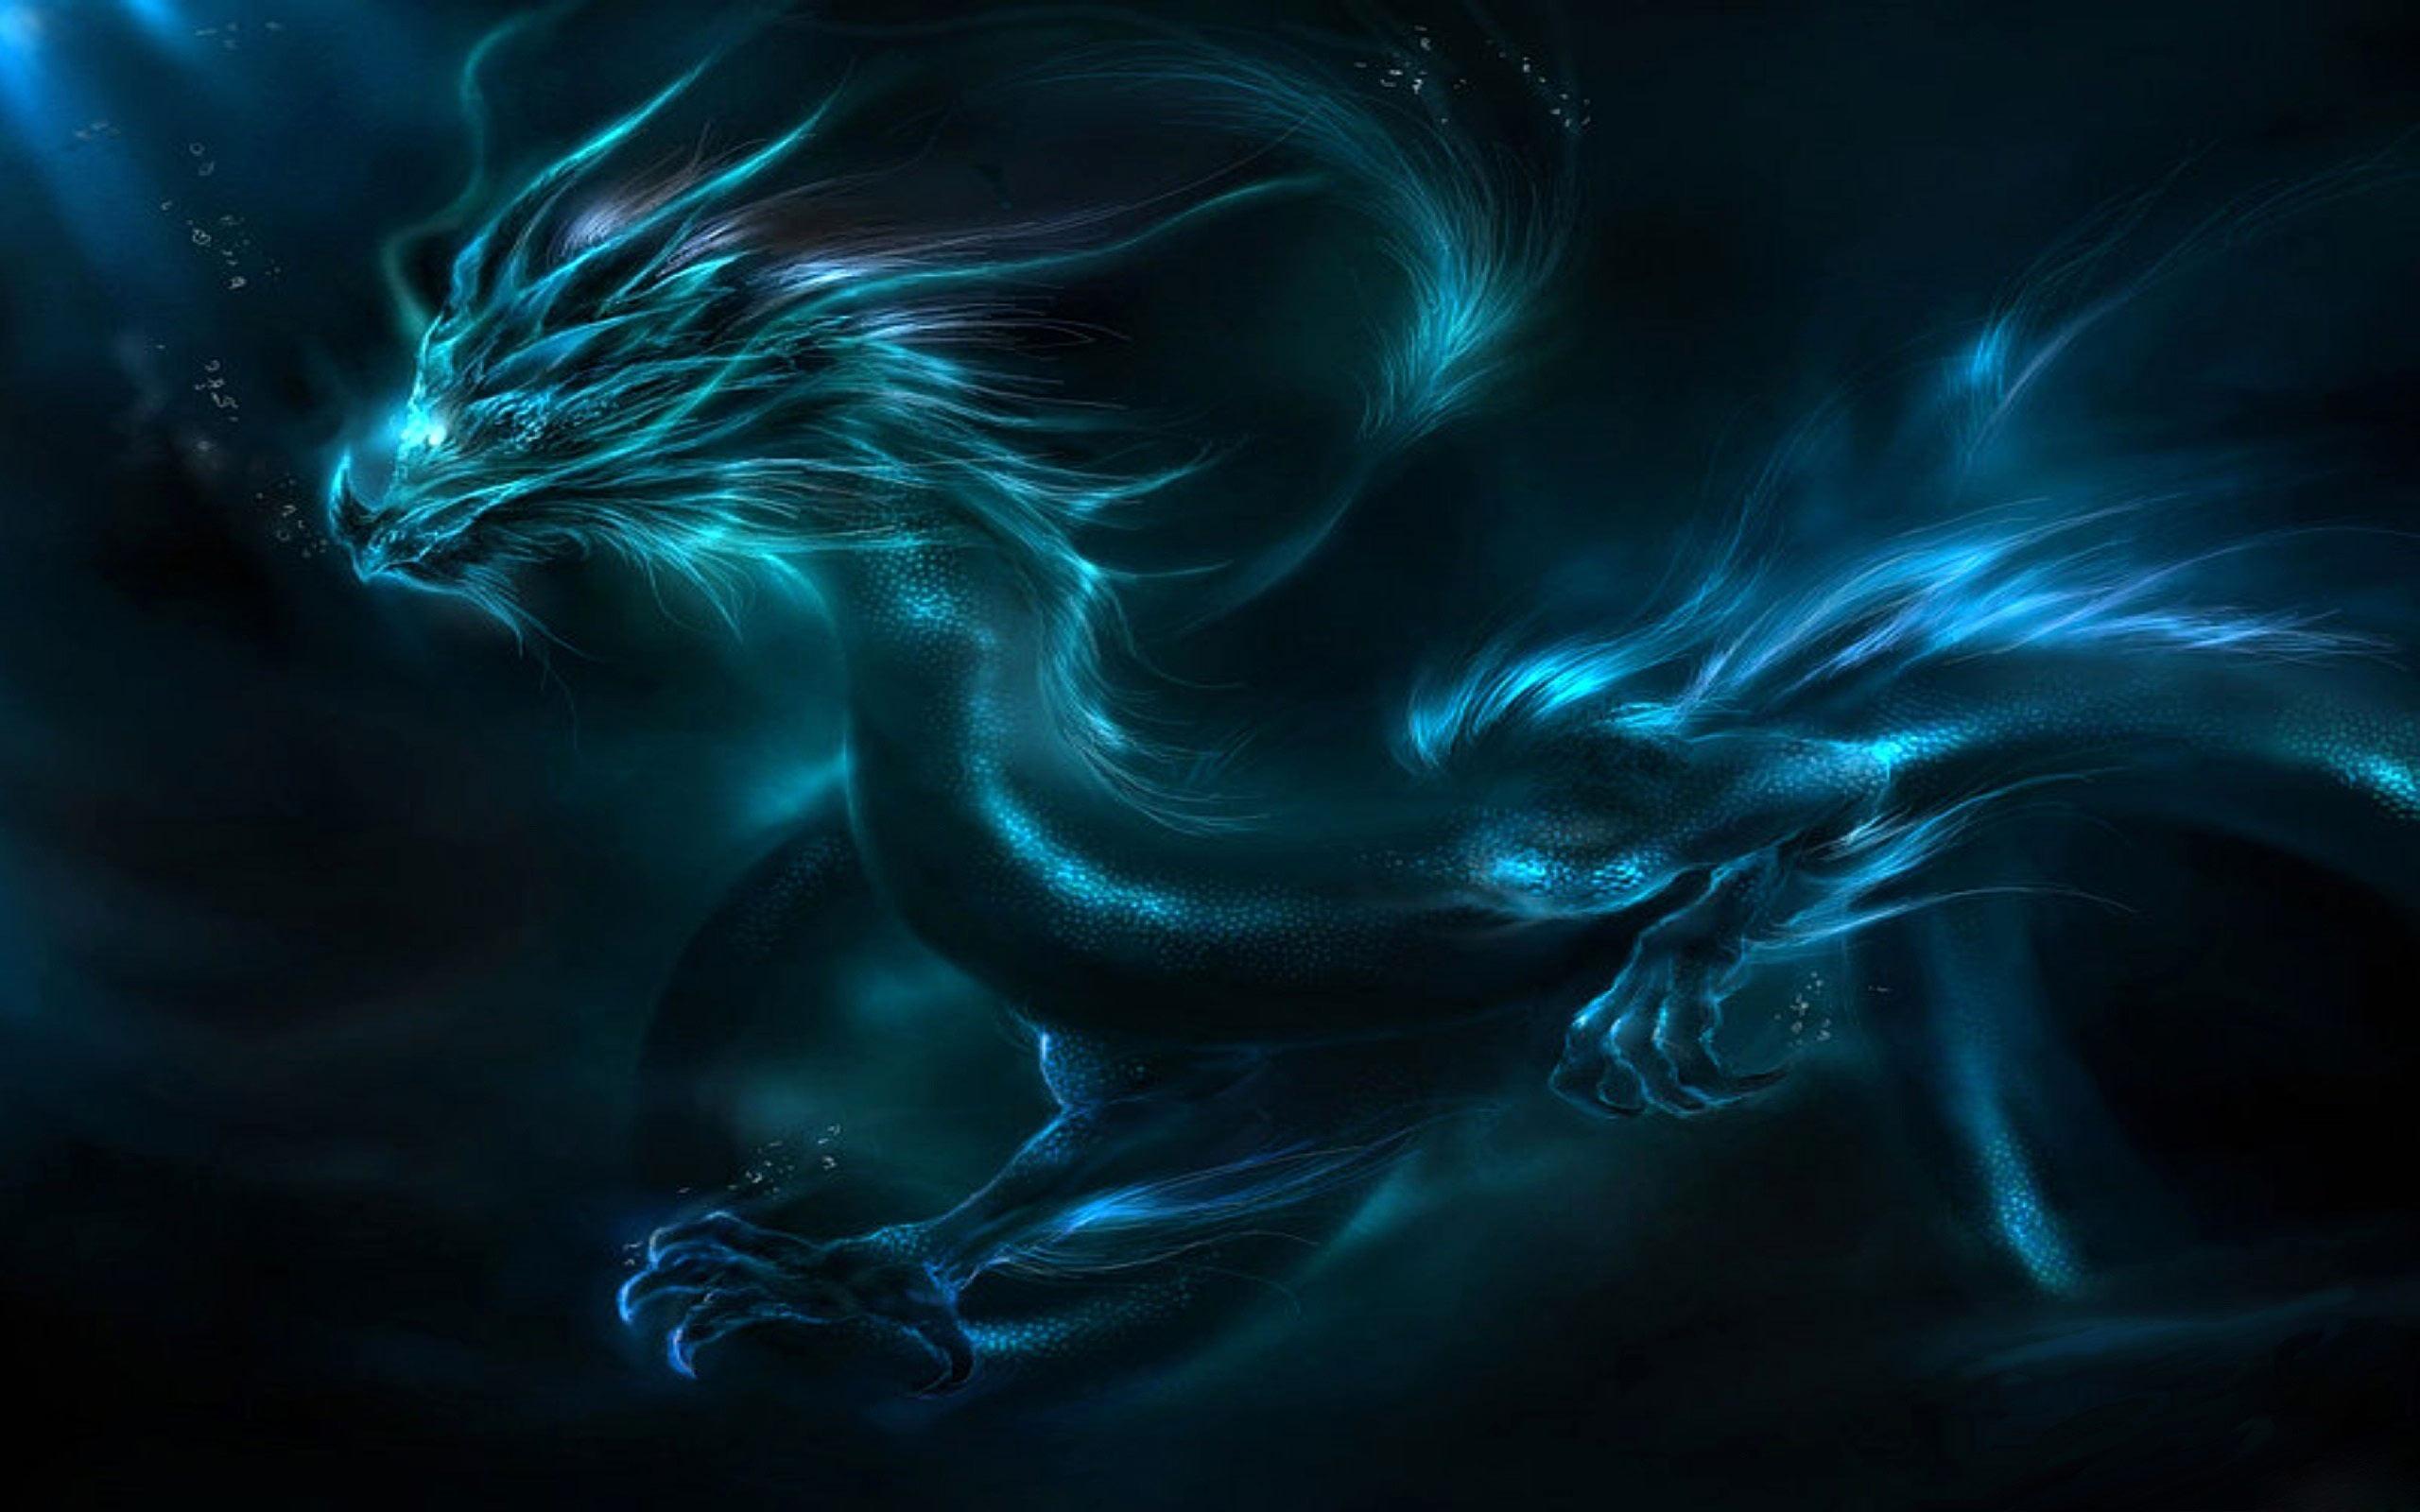 free hd dragon wallpaper